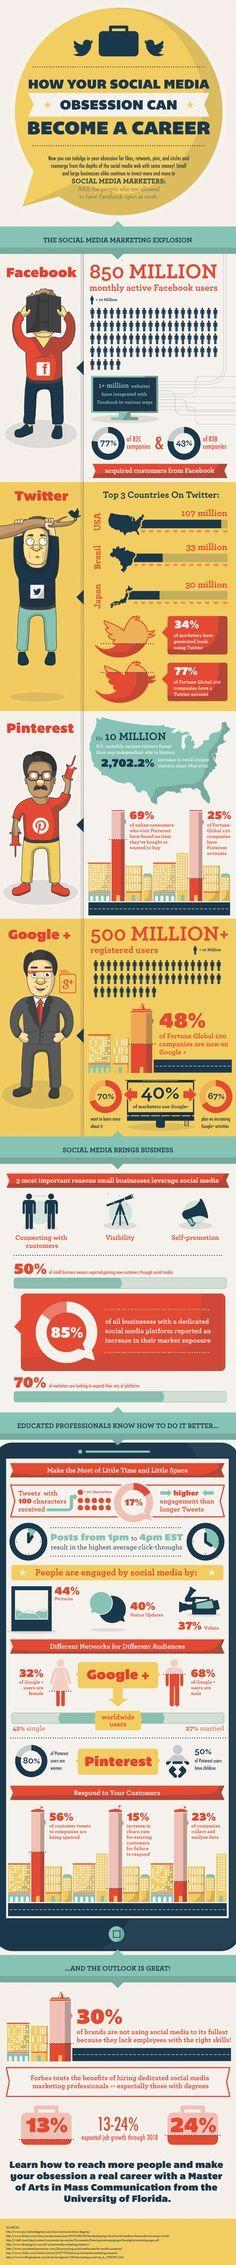 El mercado laboral para quienes dominan las redes sociales | Clases de Periodismo